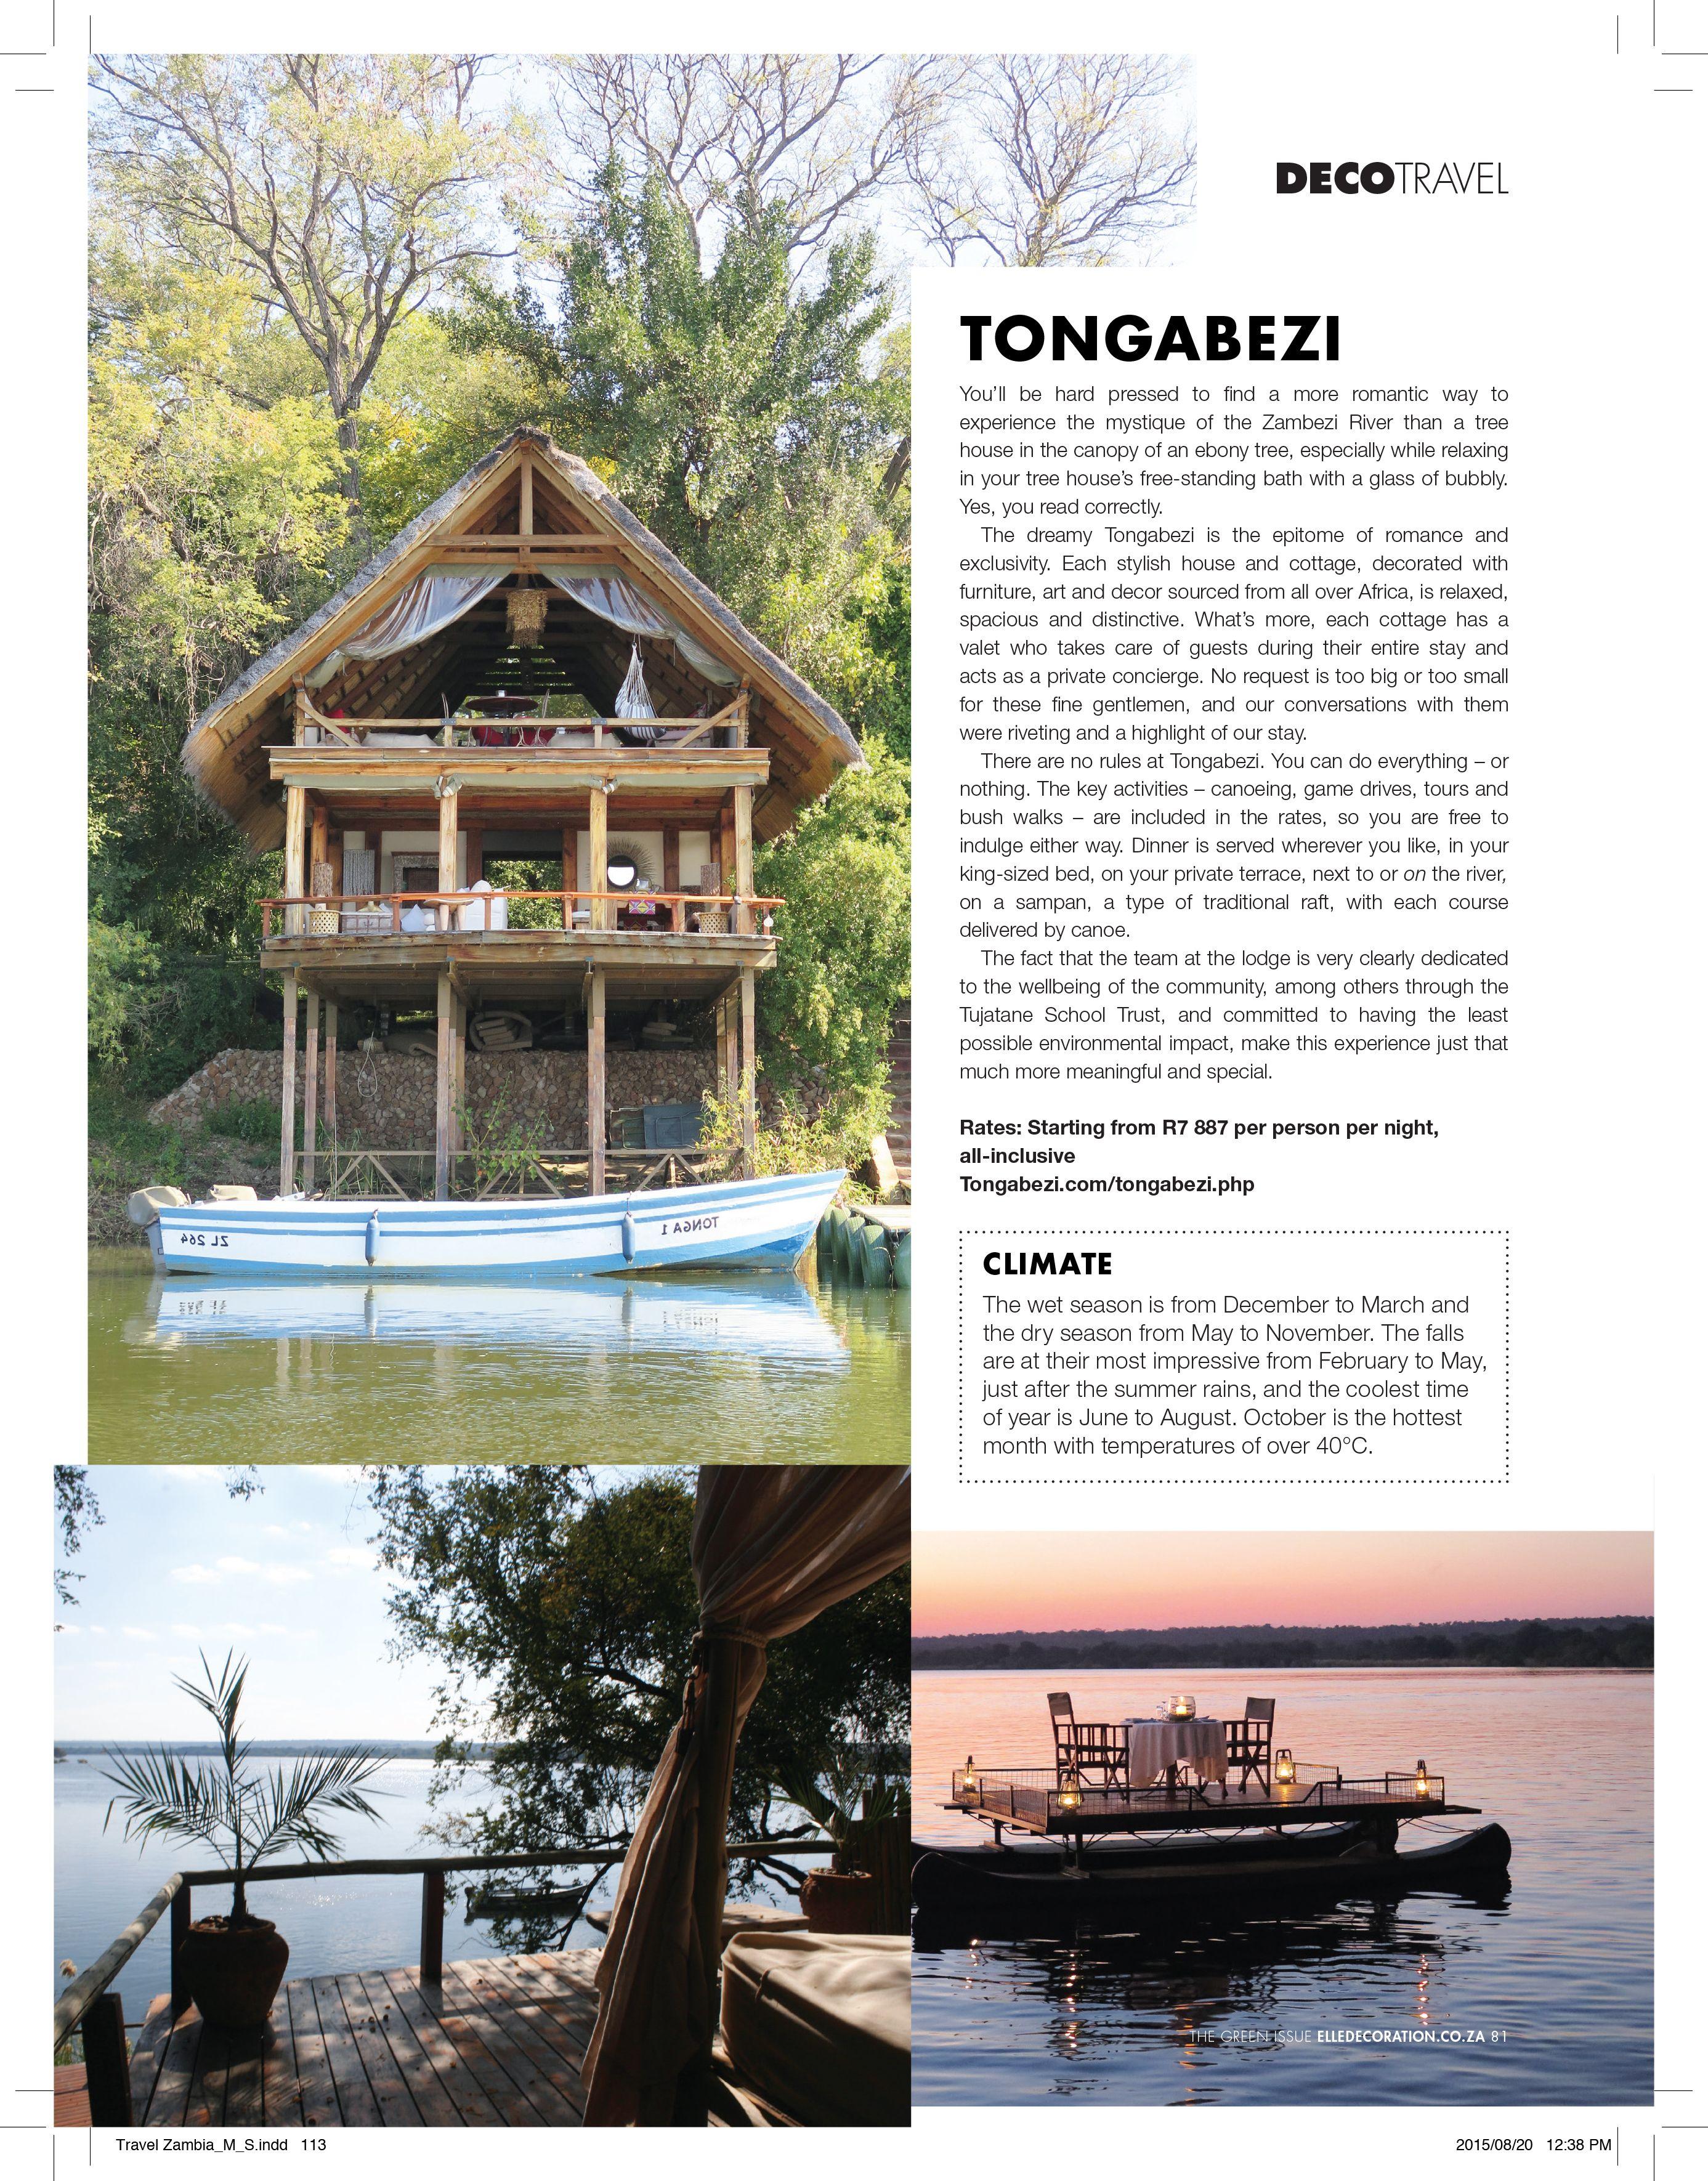 Bielle bellingham writes about tongabezi zambia for elle decoration sa